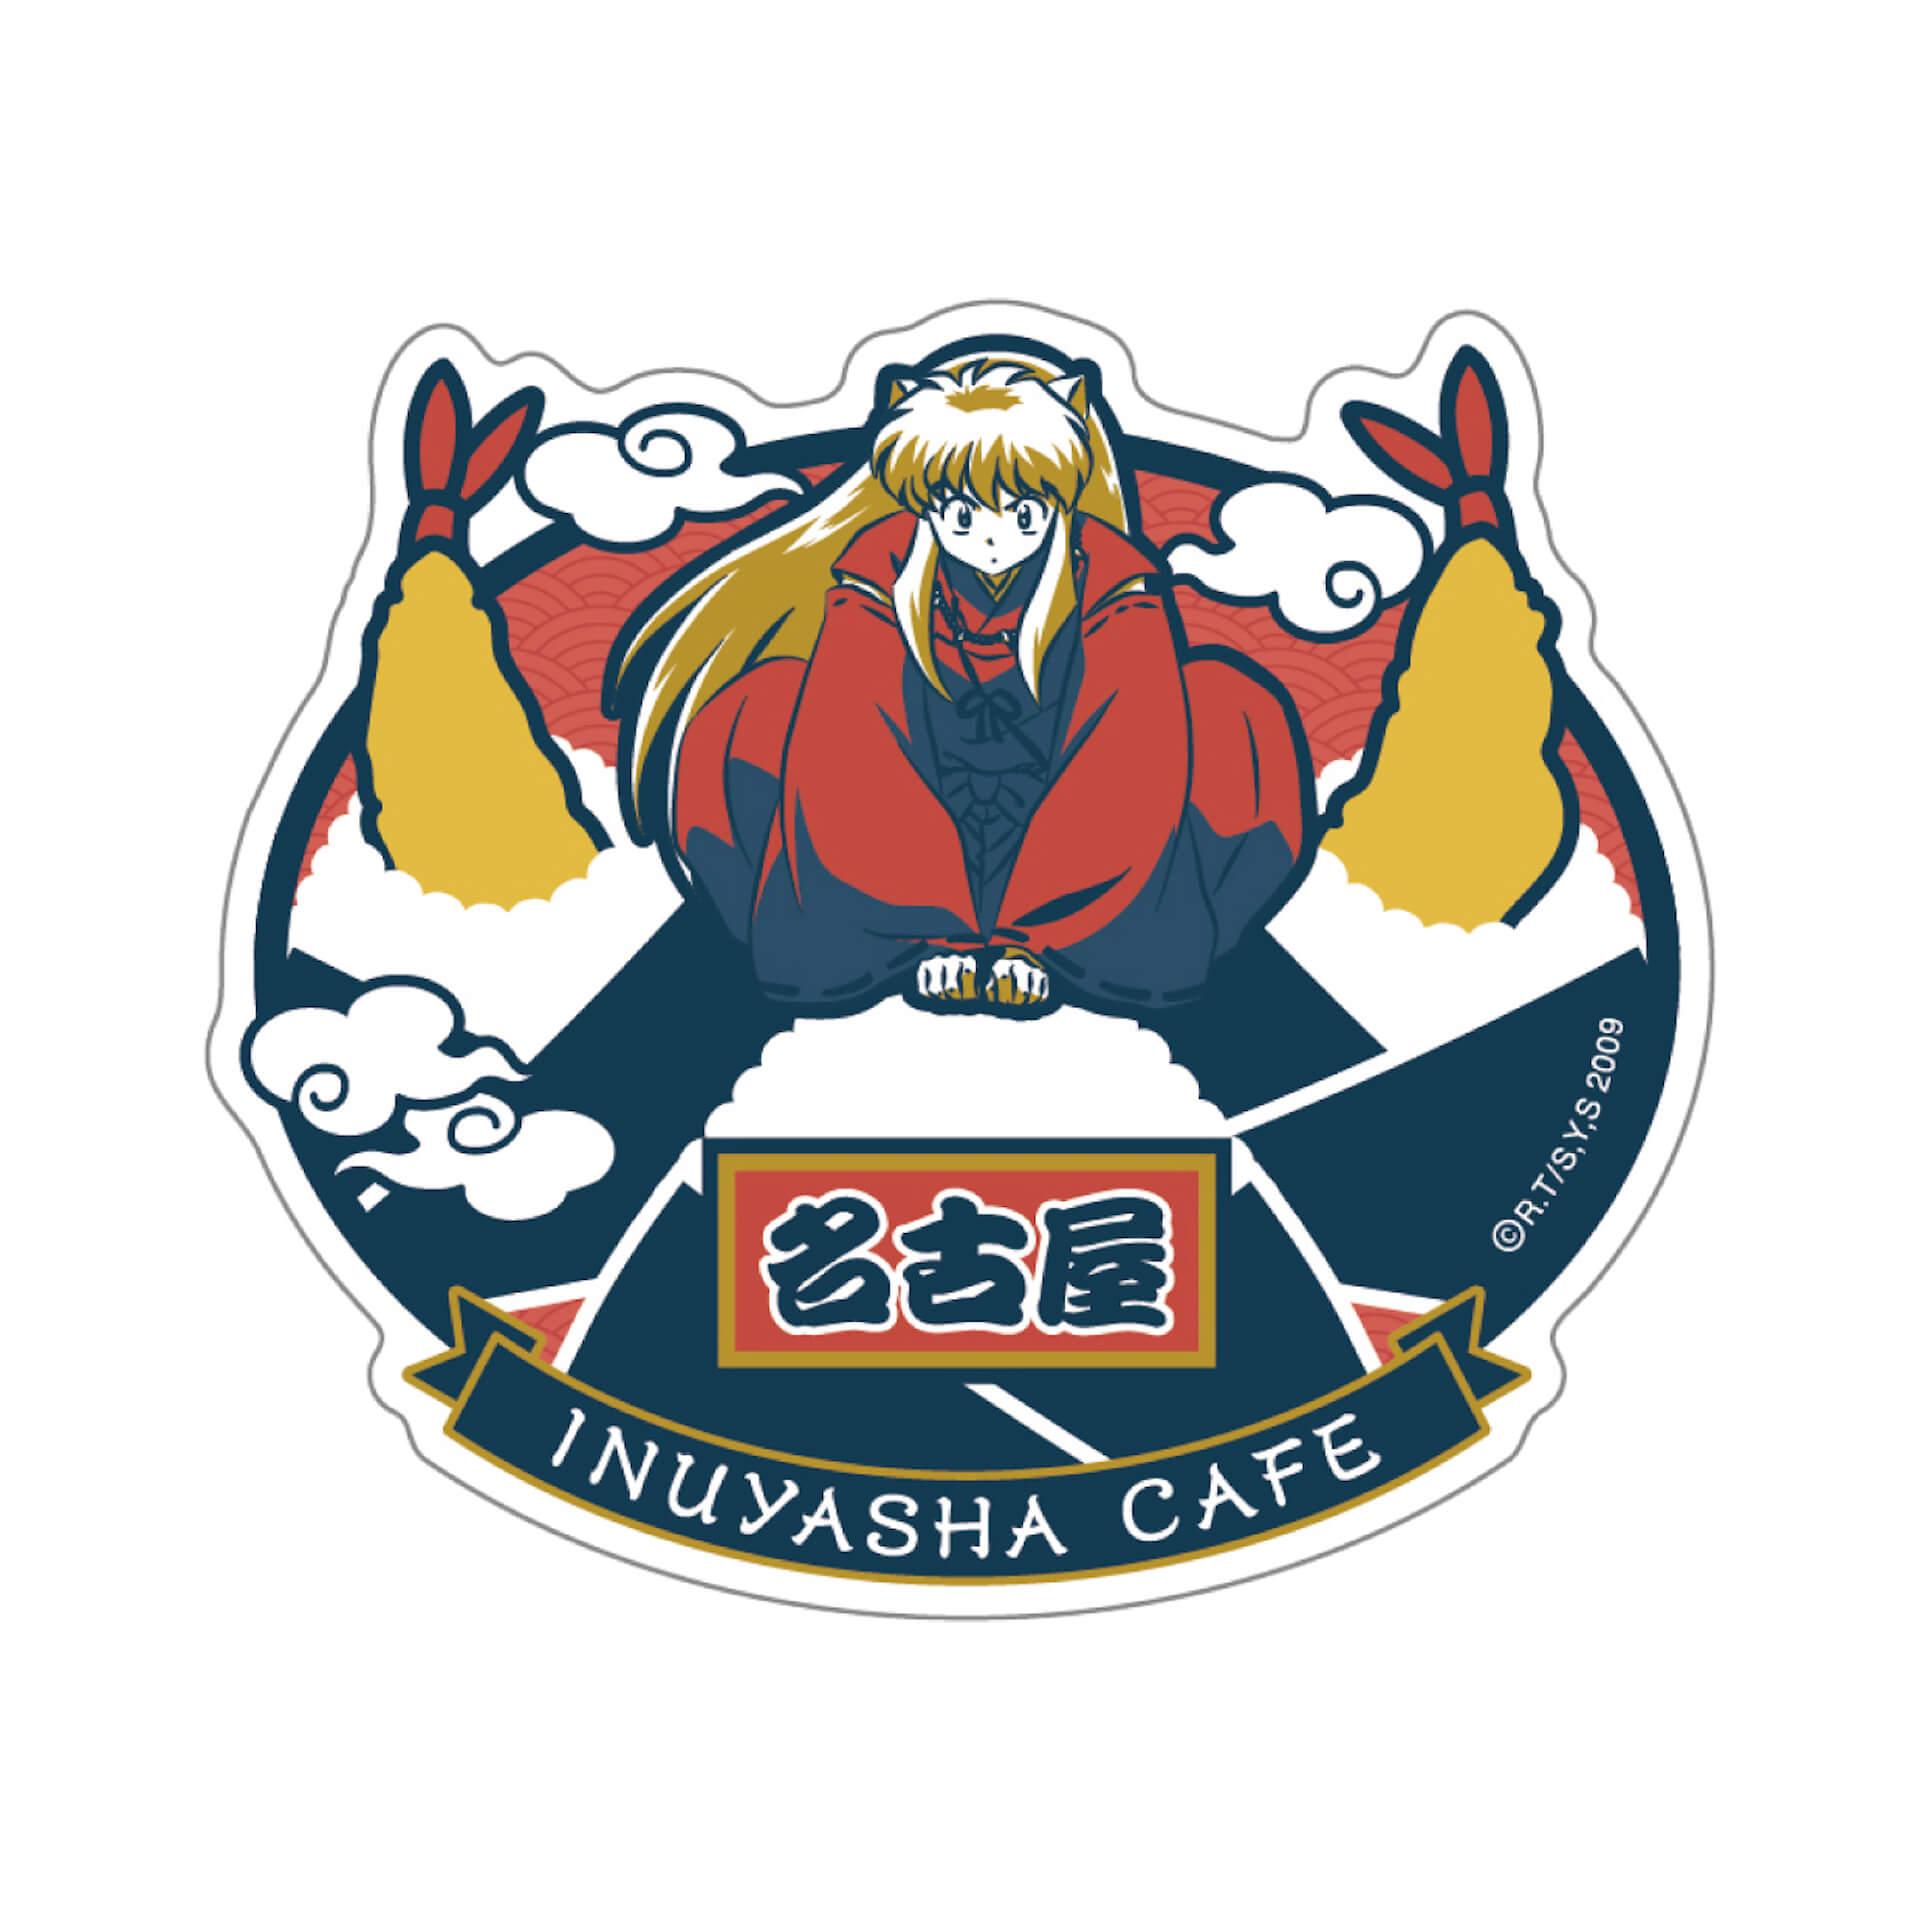 犬夜叉カフェが渋谷PARCOに期間限定オープン決定!名古屋・大阪でも開催&殺生丸・かごめら人気キャラクターの特別グッズも art200717_inuyasha_5